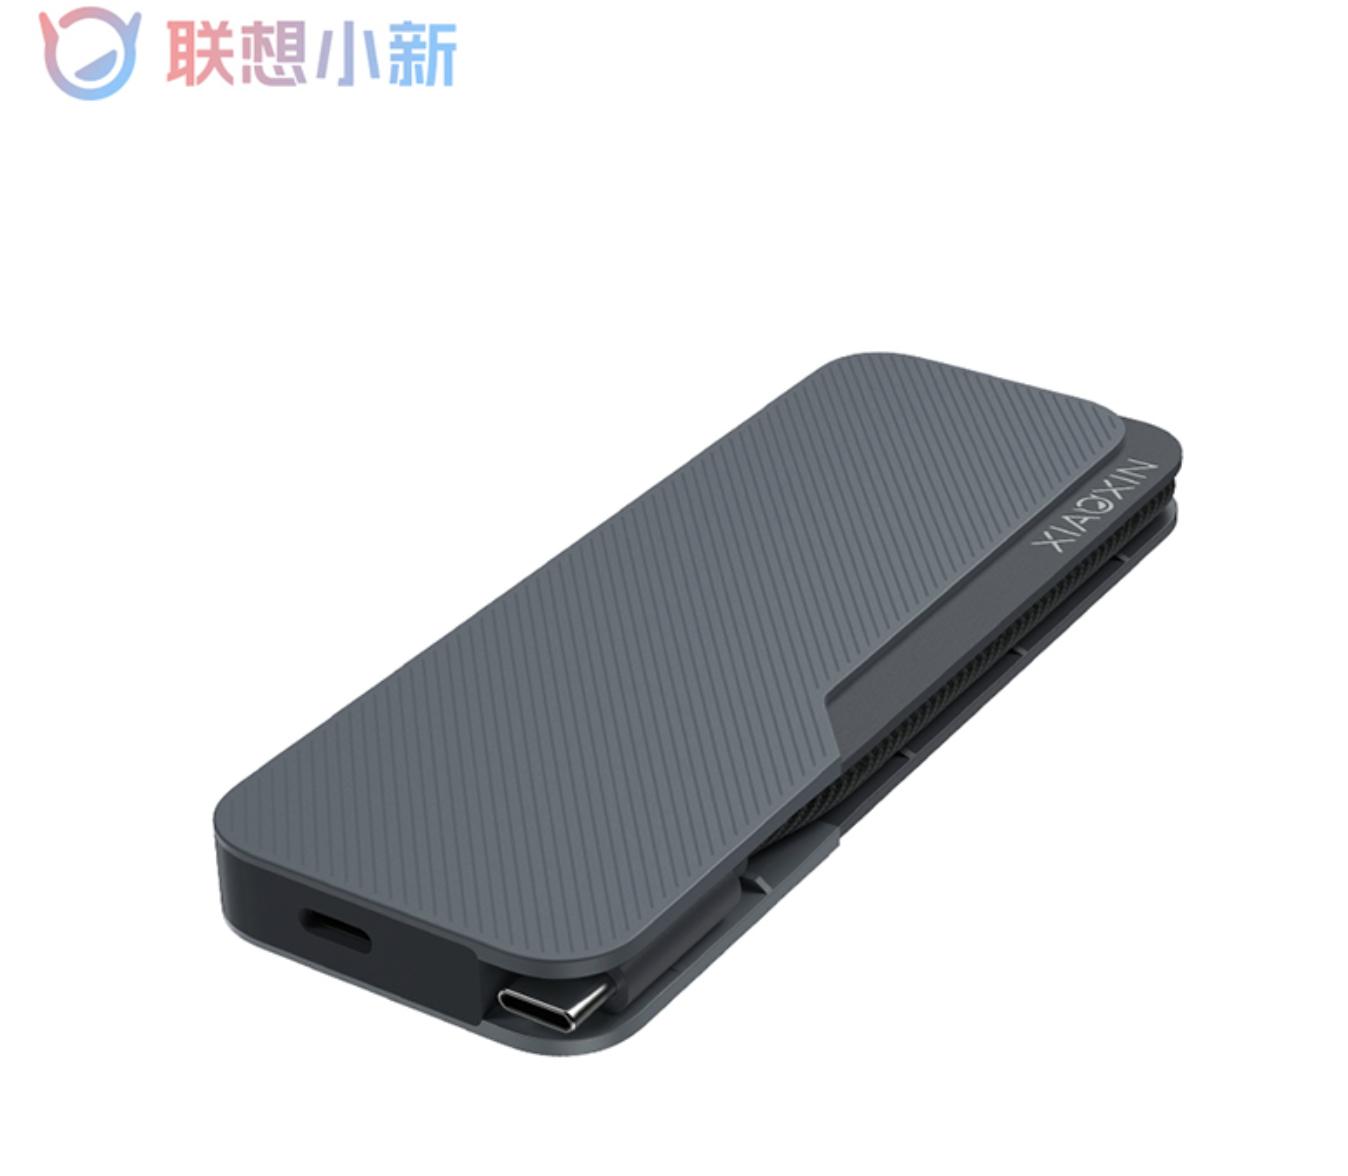 小新USB-C 五合一多功能扩展坞